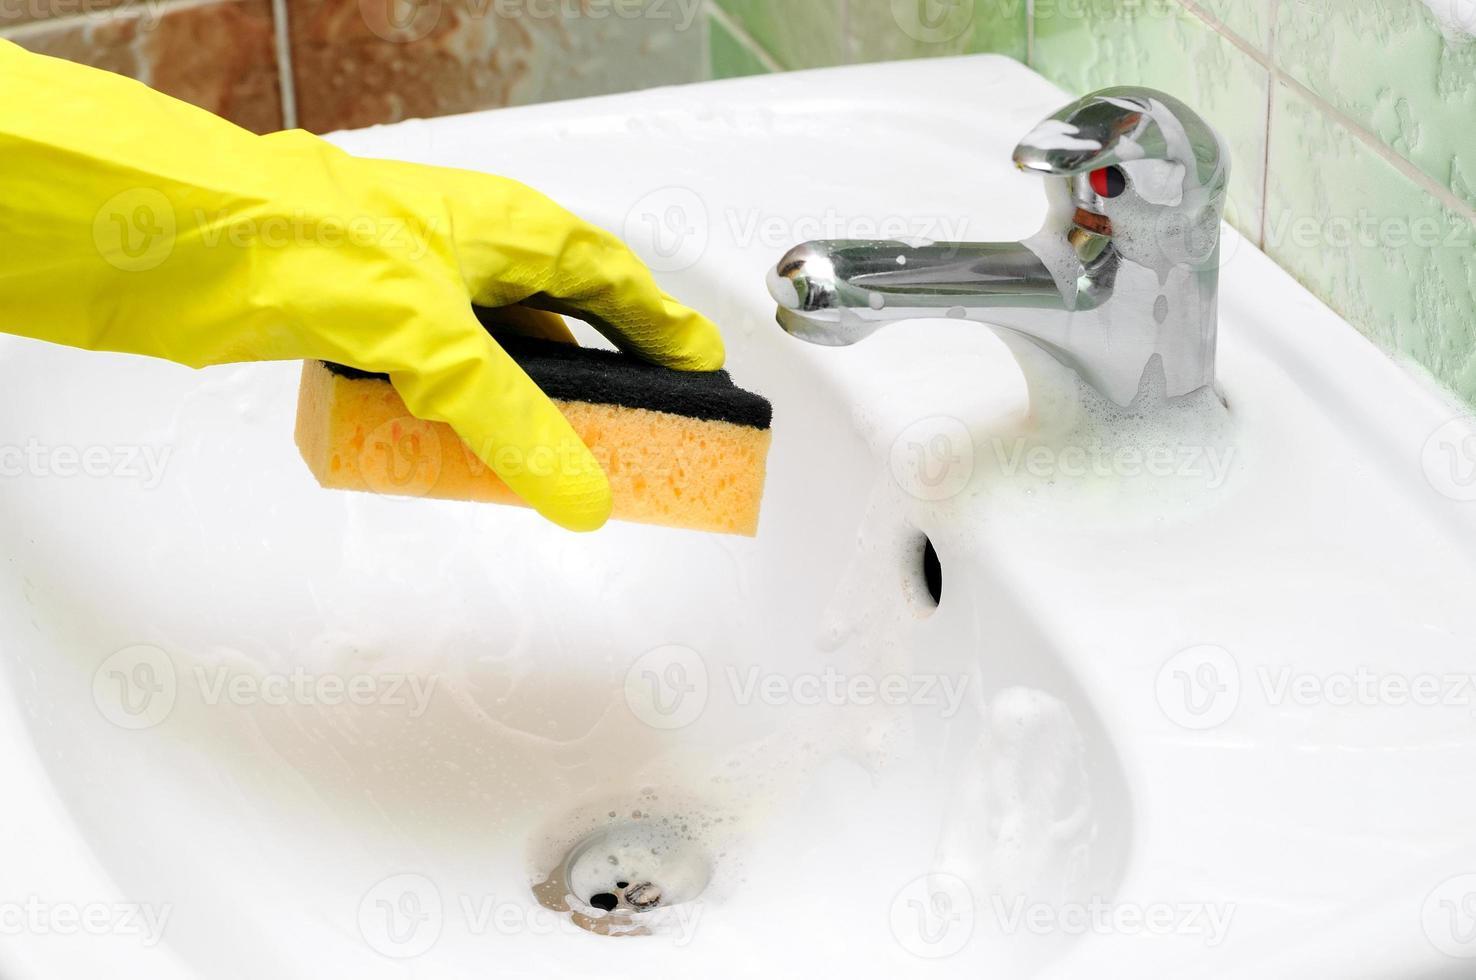 lavabo del baño grifo de limpieza foto